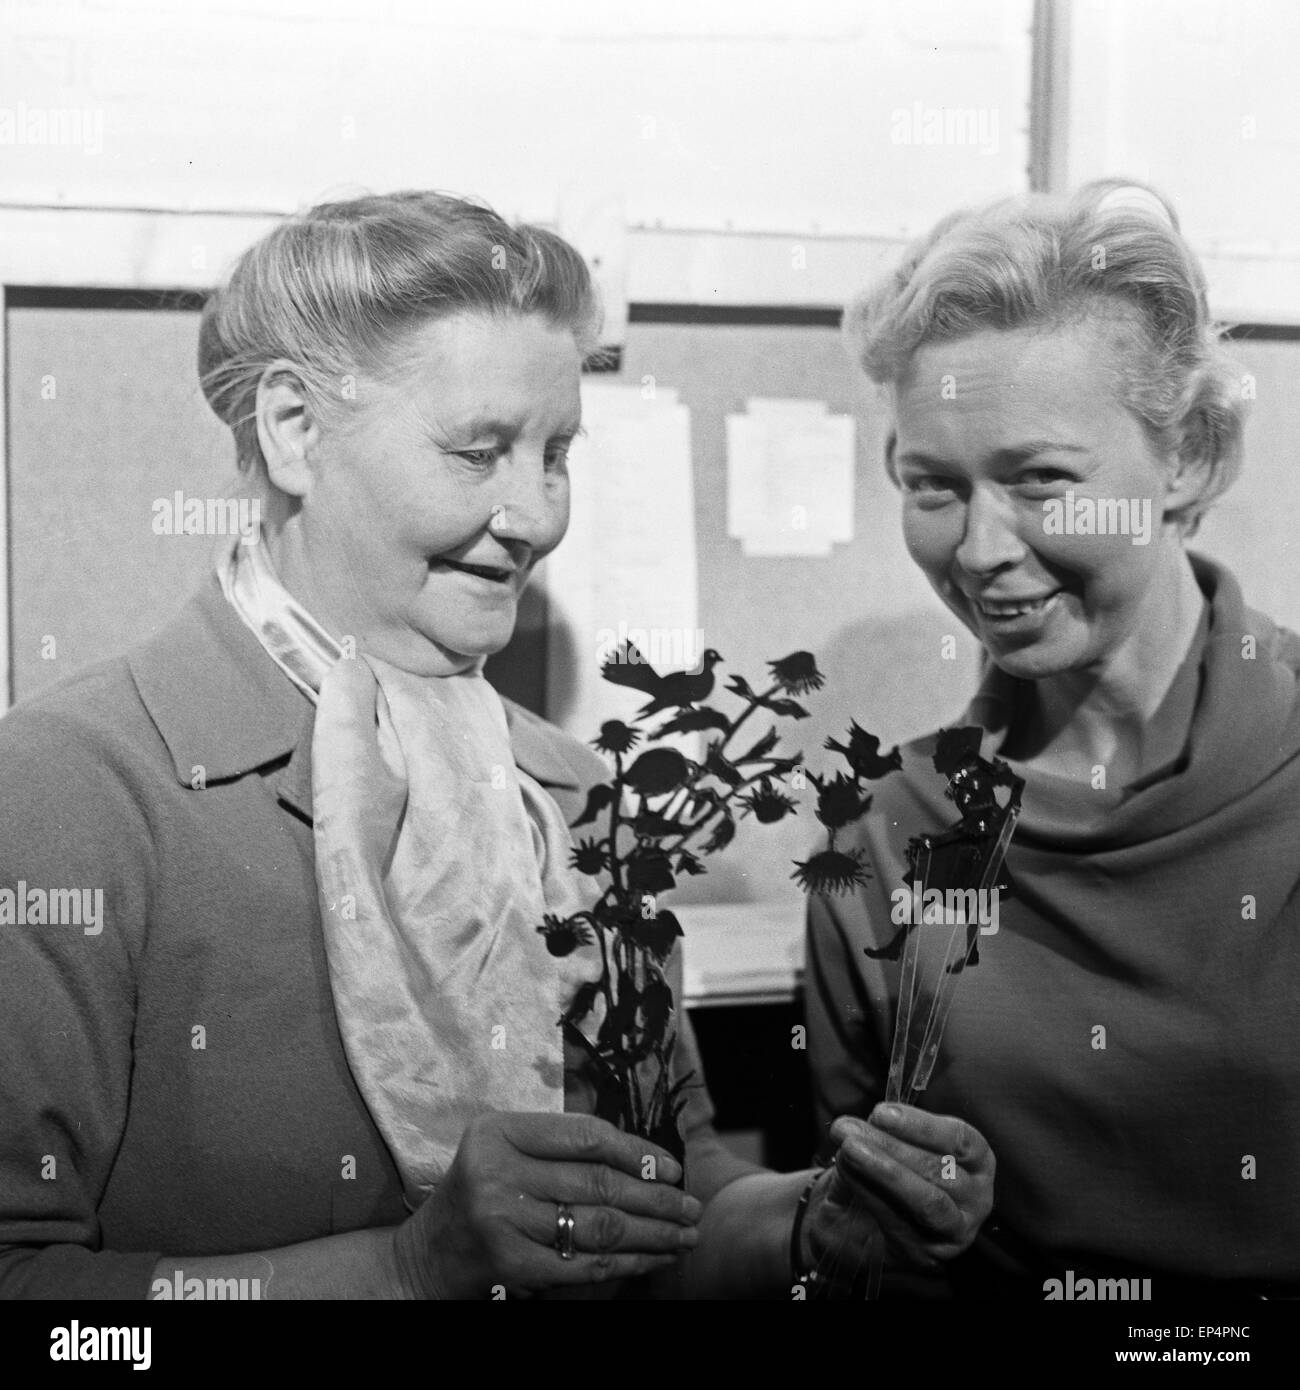 Deutsche Schauspielerin Annemarie Cordes (rechts) mit Annelore Kunze, der Sprecherin eines SchattenspieltheatersStock Photo